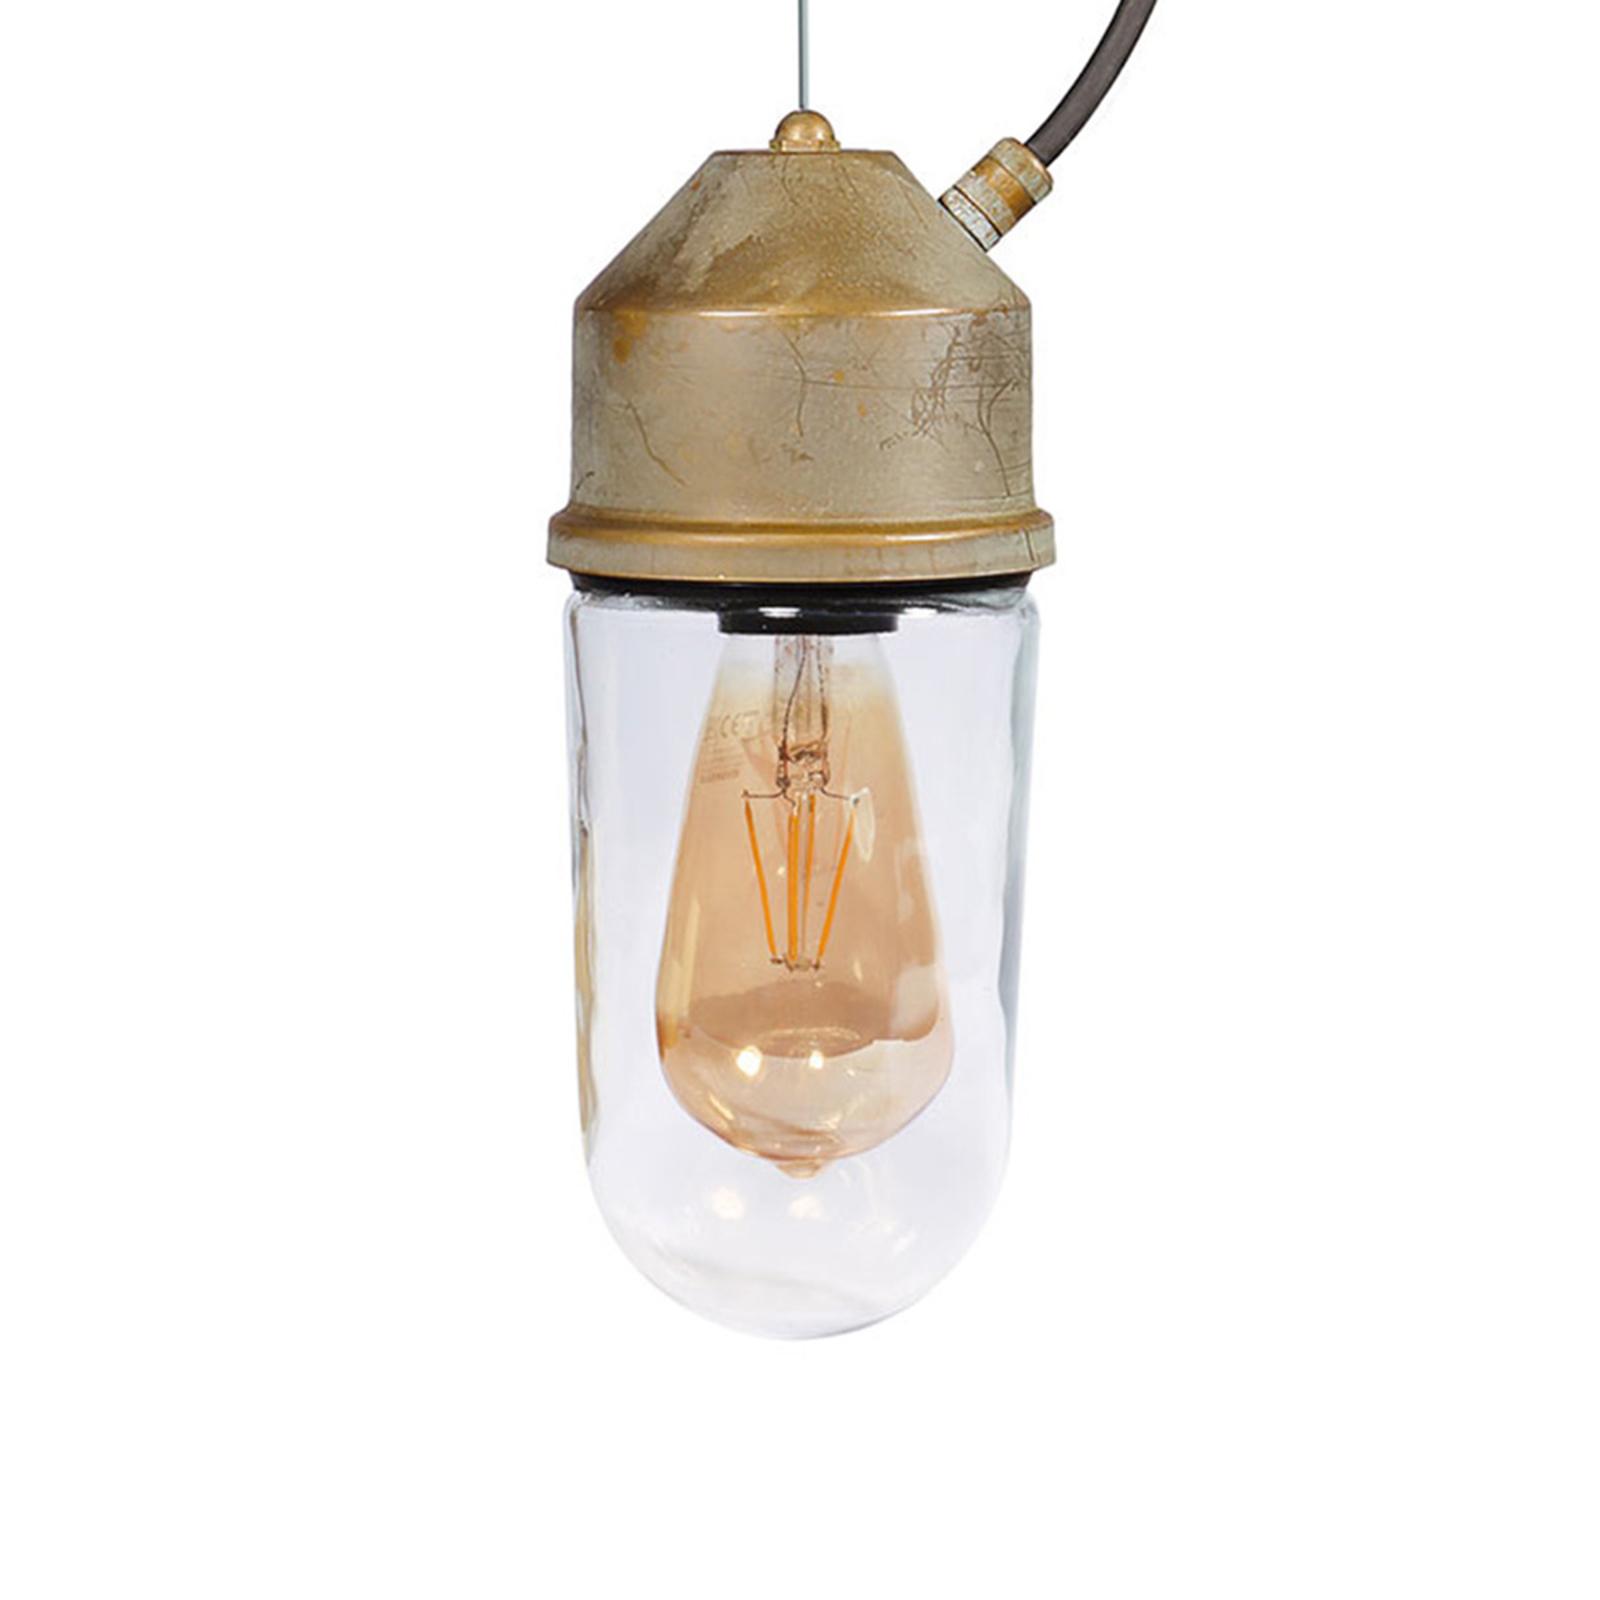 Hængelampe 1951N, antik messing, lige glas, klar